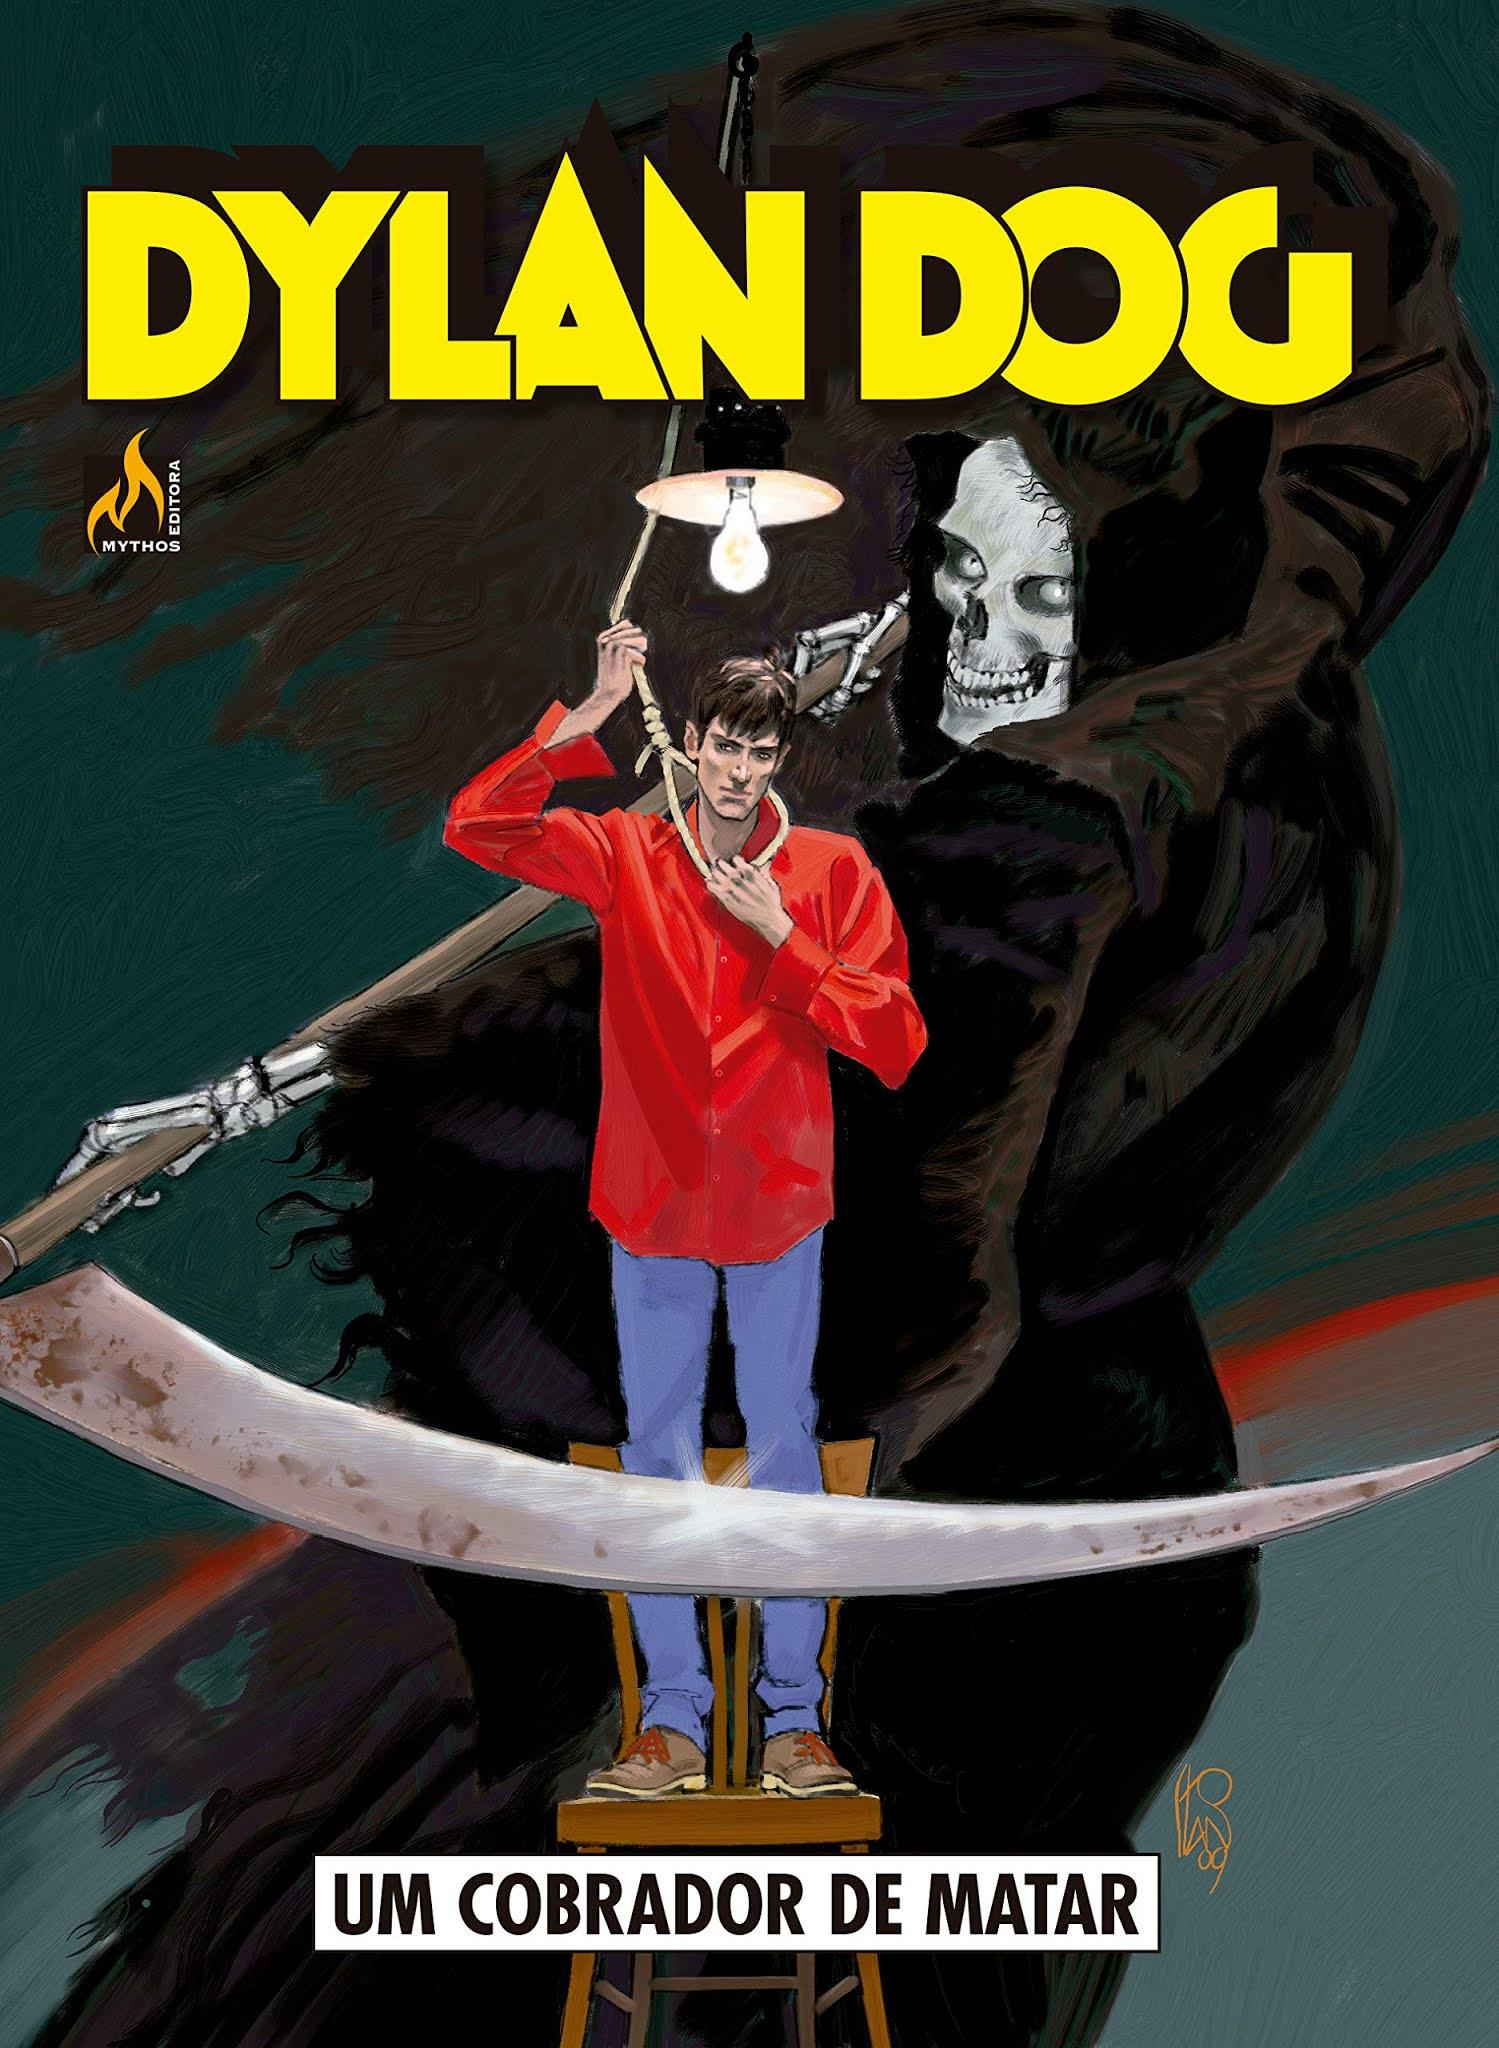 Capa da HQ Dylan Dog O caminho da vida